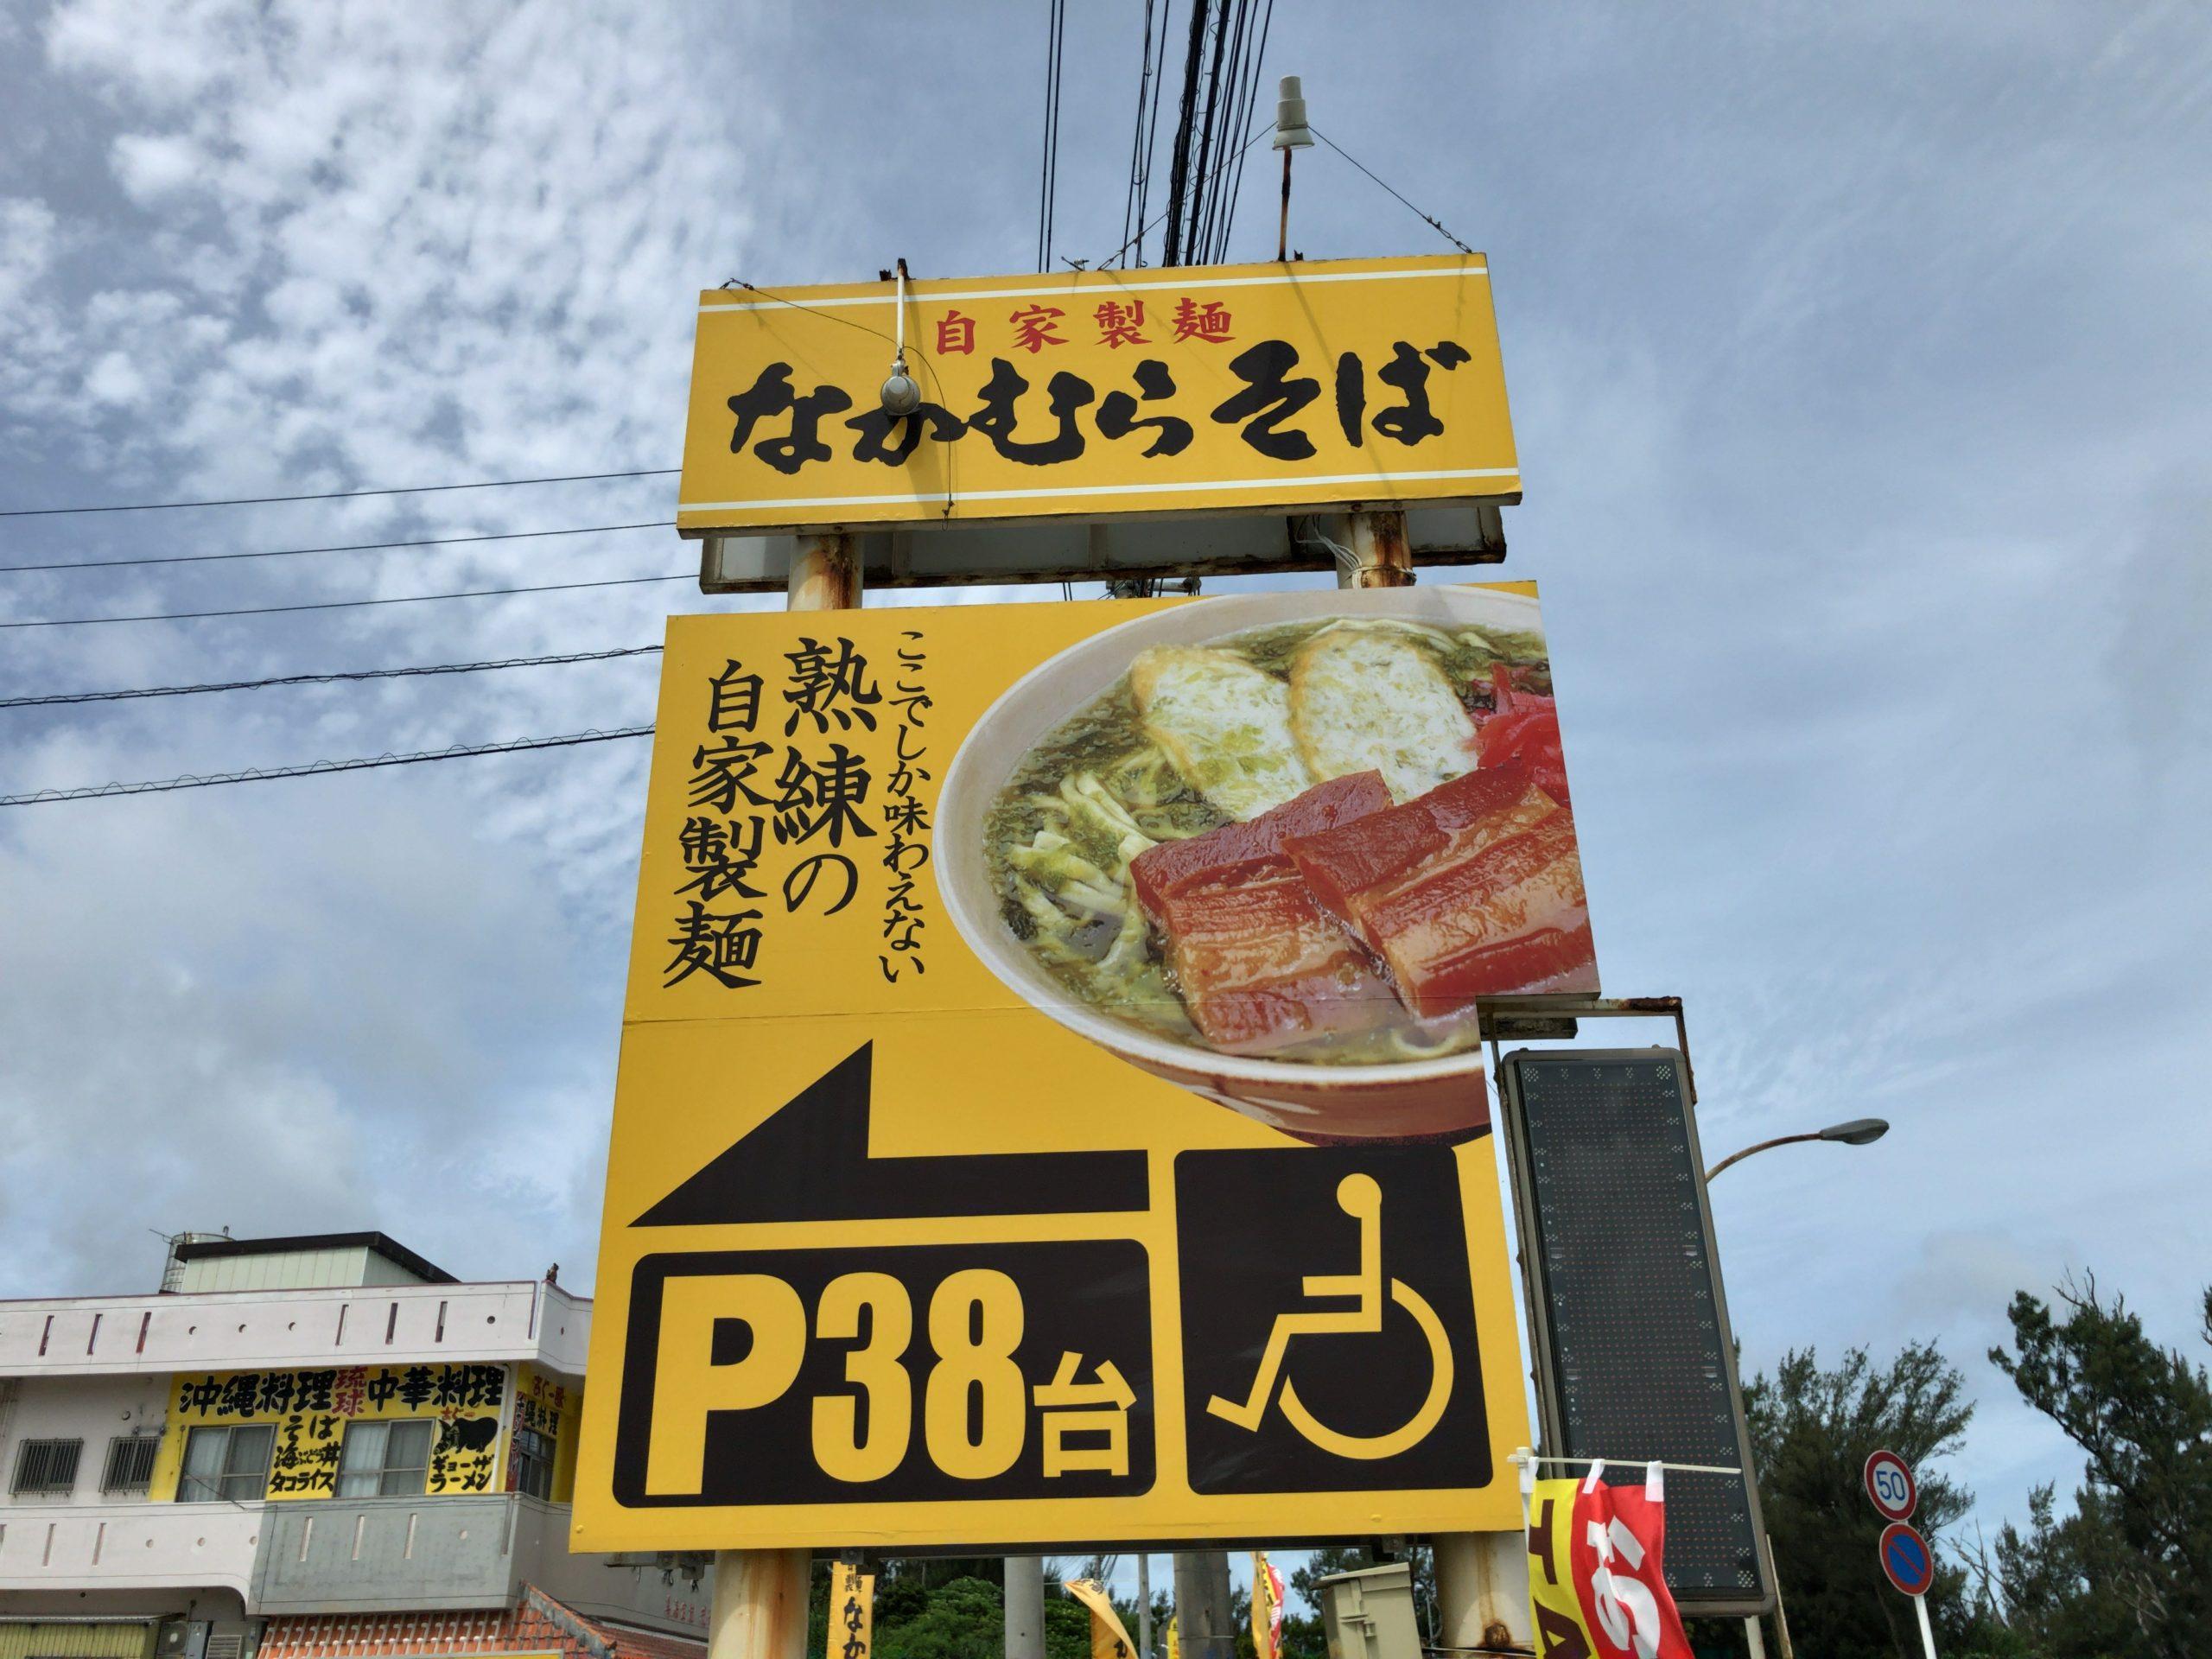 恩納村『自家製麺なかむらそば』アーサそばが人気。朝から行列の店